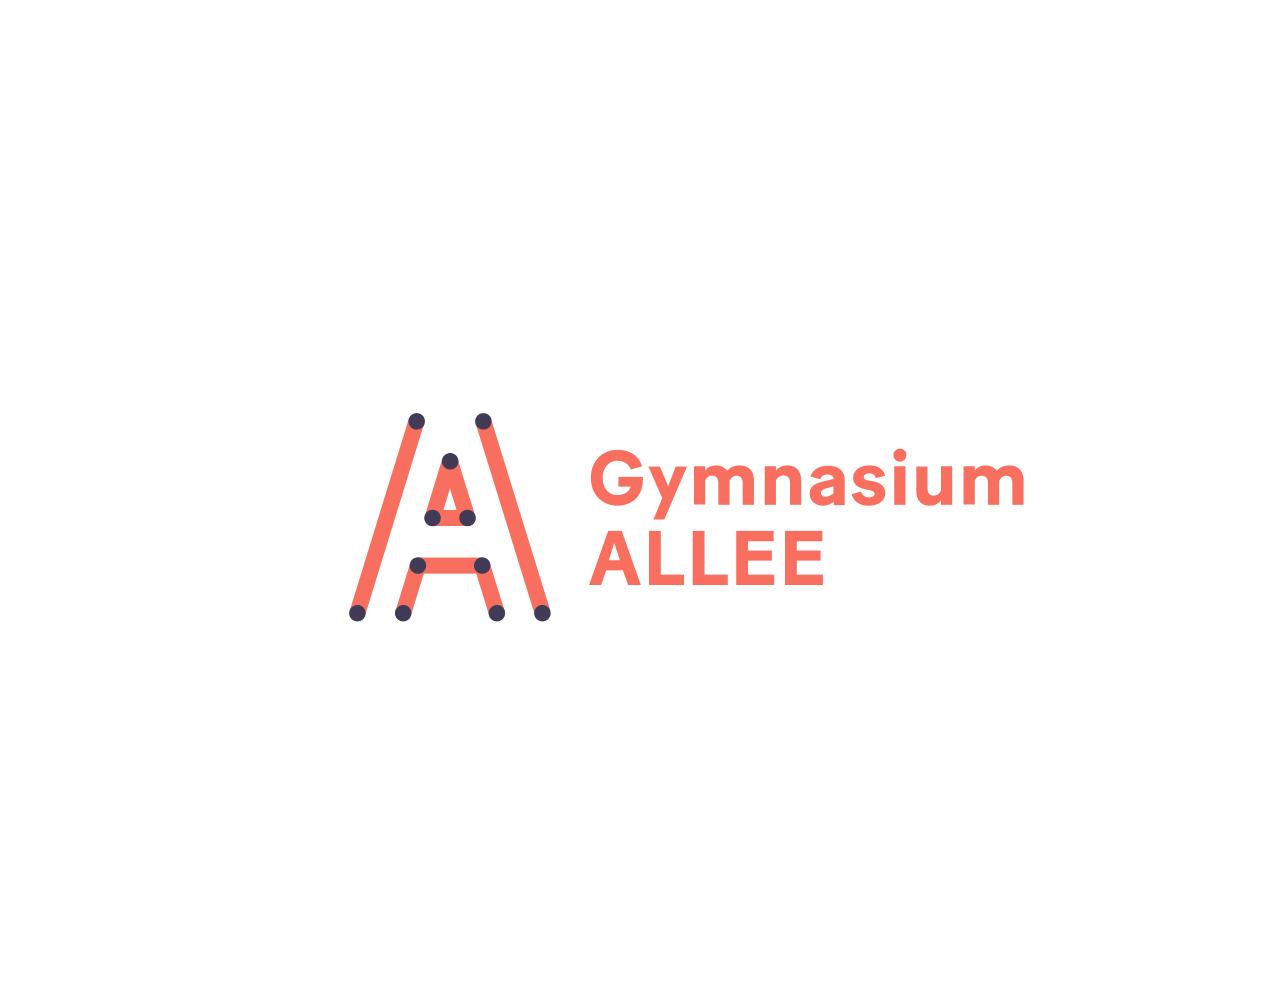 Logoentwicklung-Gymnasium_ALLEE